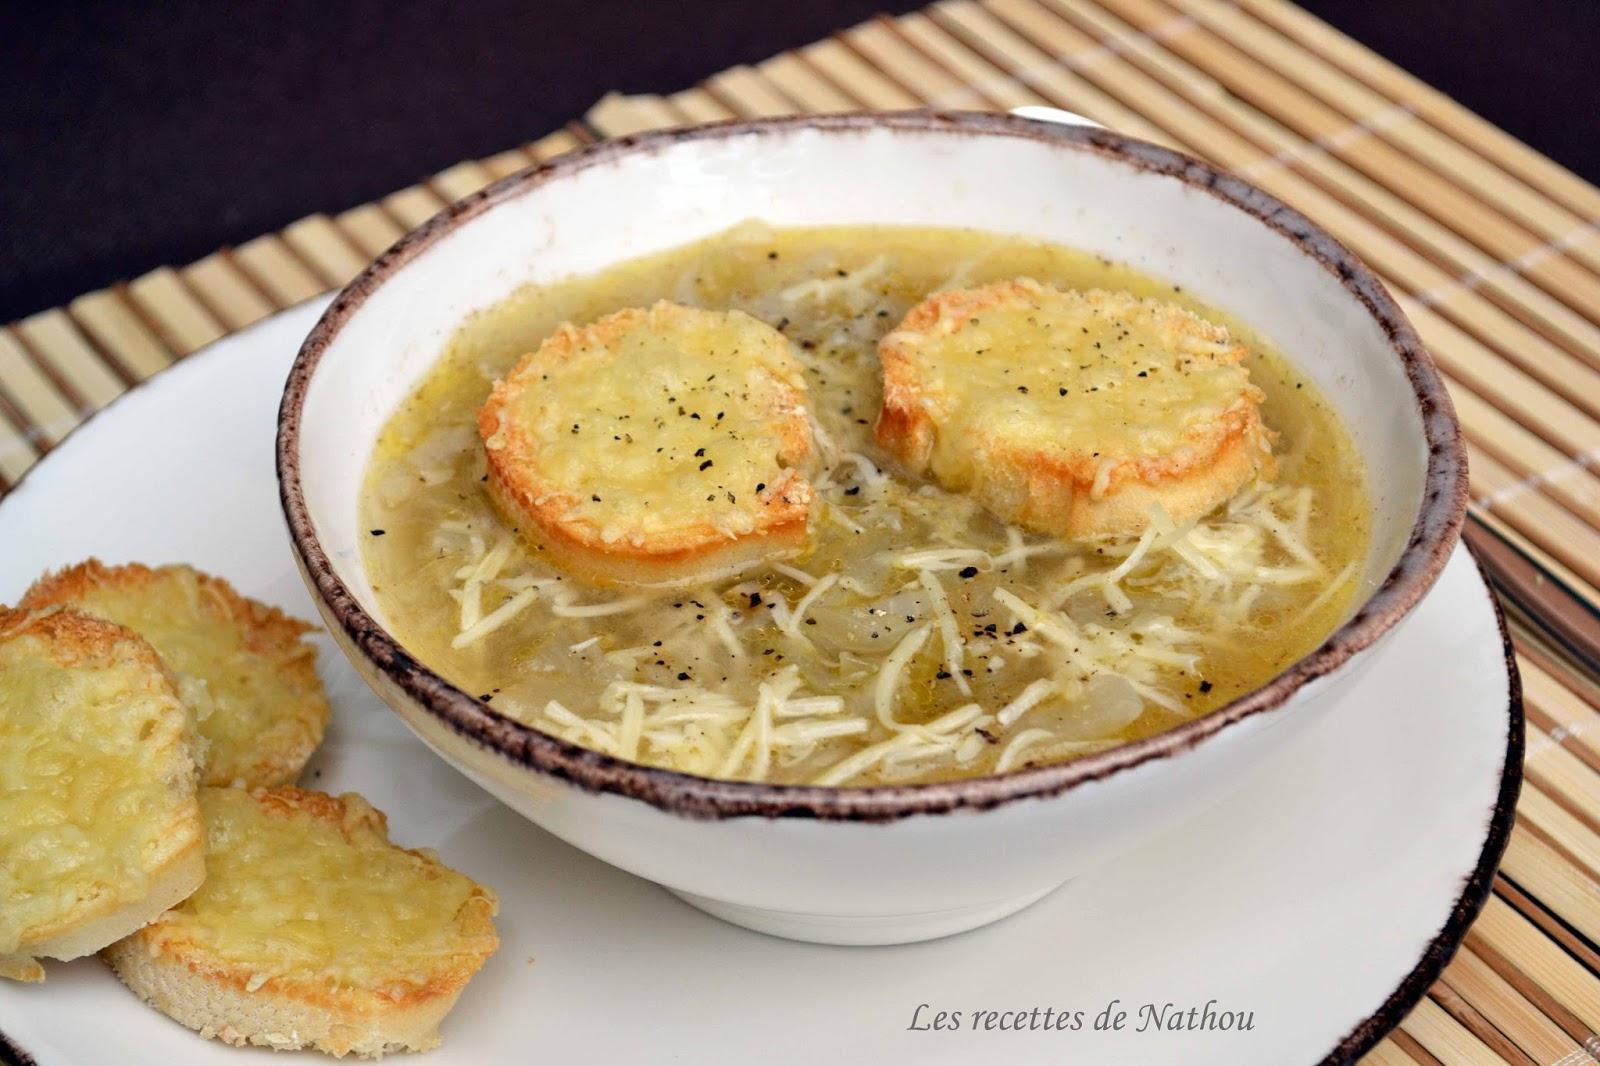 Ma cuisine au fil de mes idées...: Soupe aux oignons et toasts grillés au gruyère